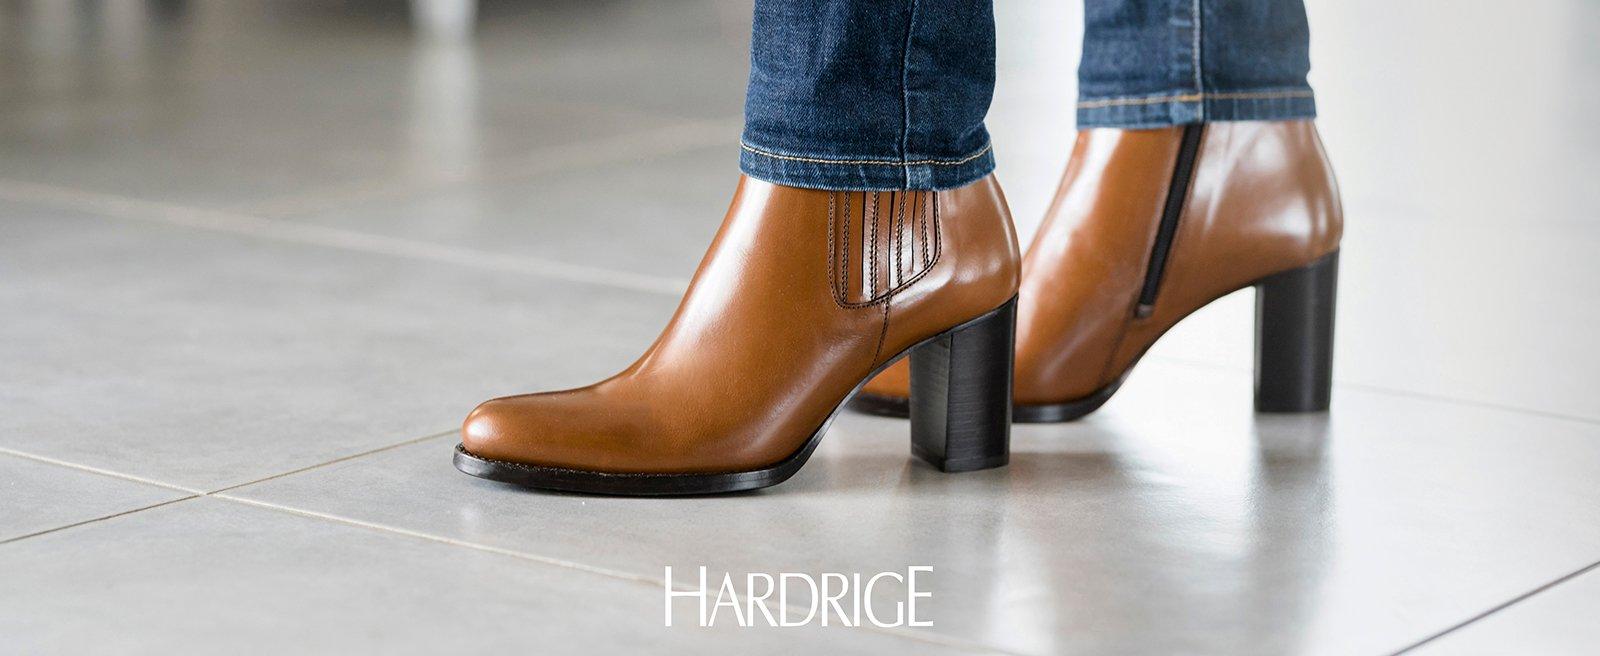 Boutique Hardrige - La Séguinière Outlet